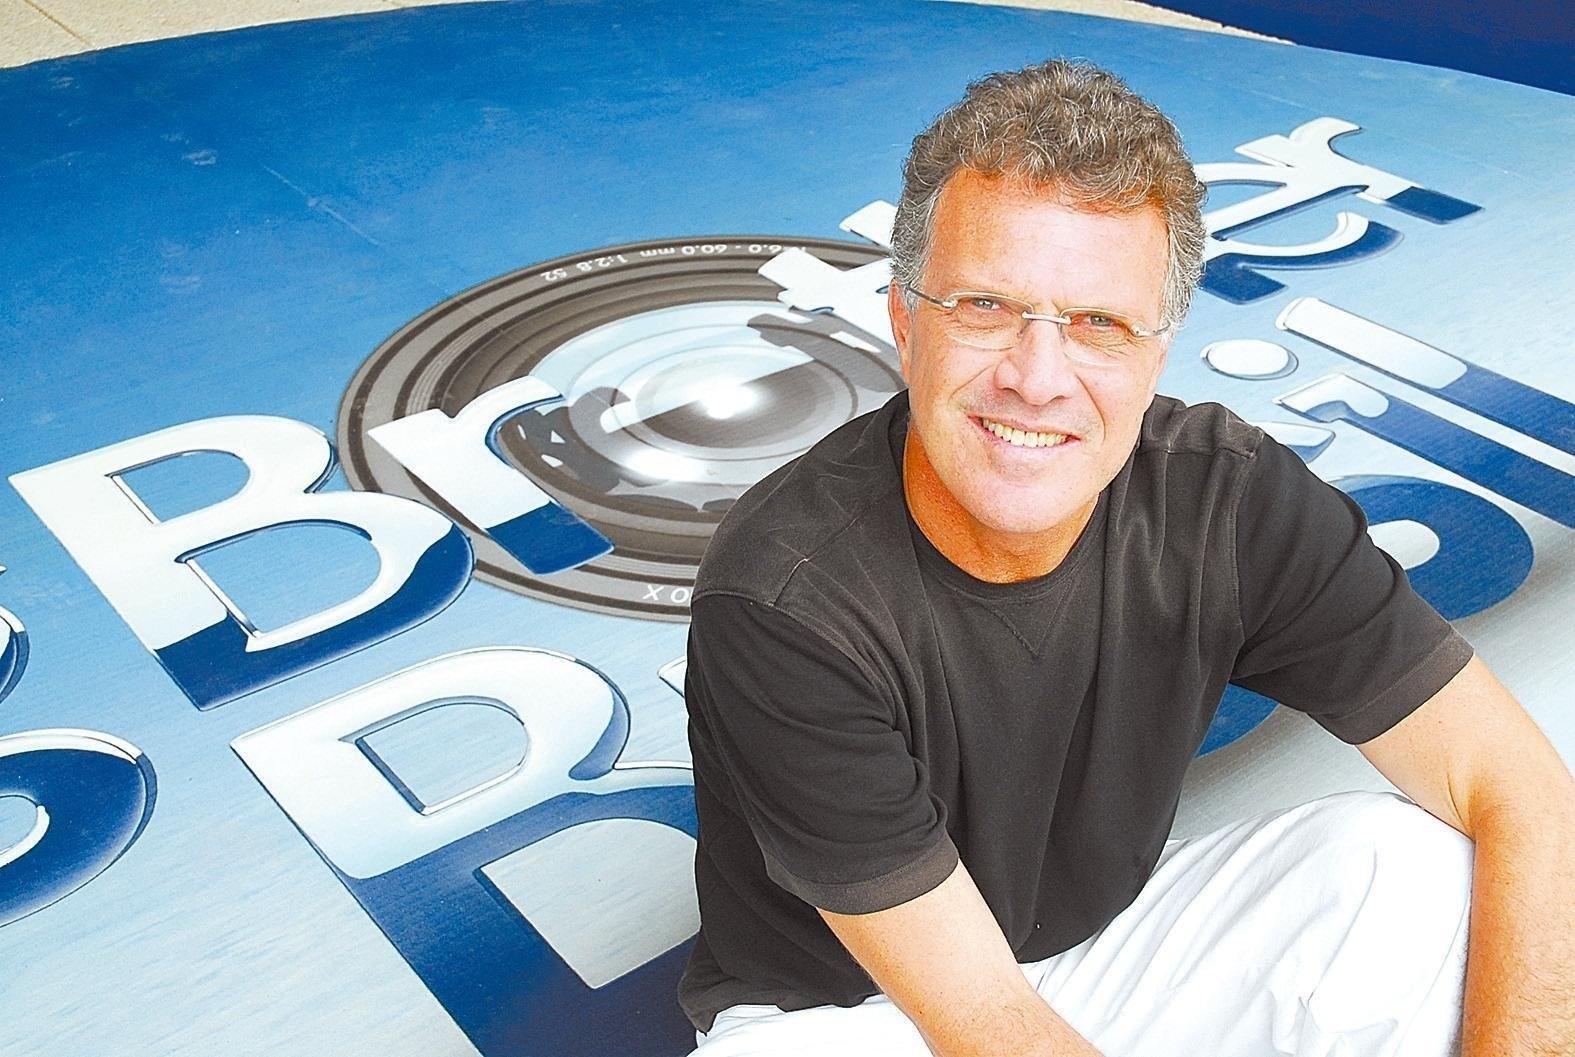 2007 - O jornalista Pedro Bial, apresentador do